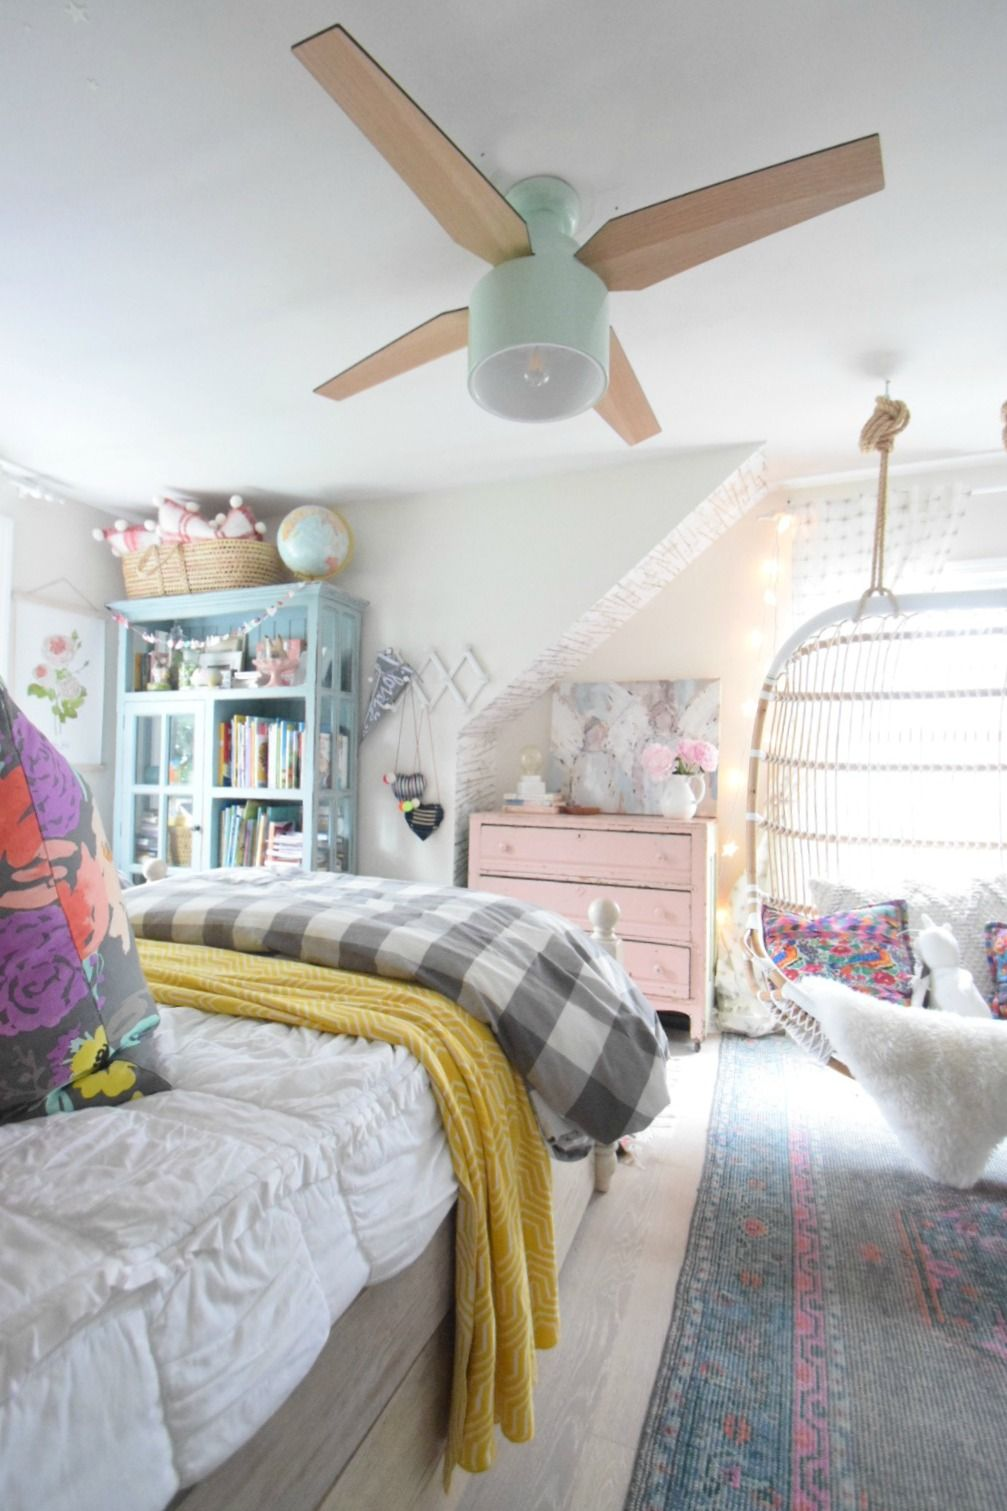 Cranbrook Low Profile Ceiling Fan With Light By Hunter Fan Hun